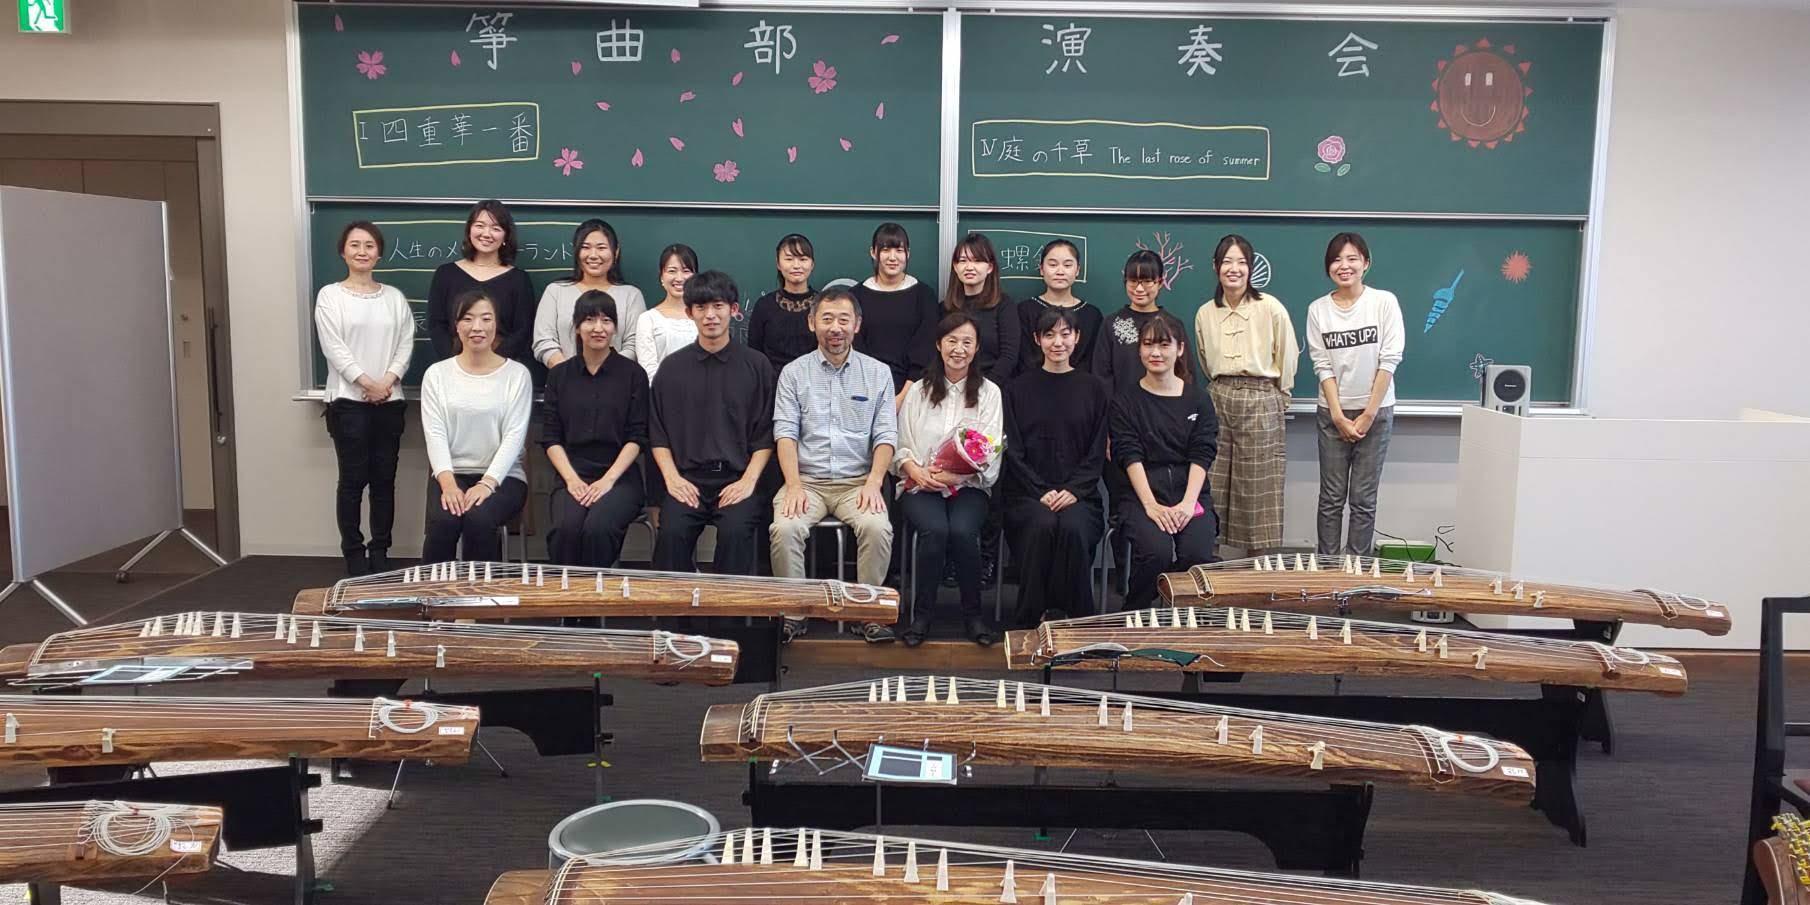 [薬学部学生会/文化局]箏曲部